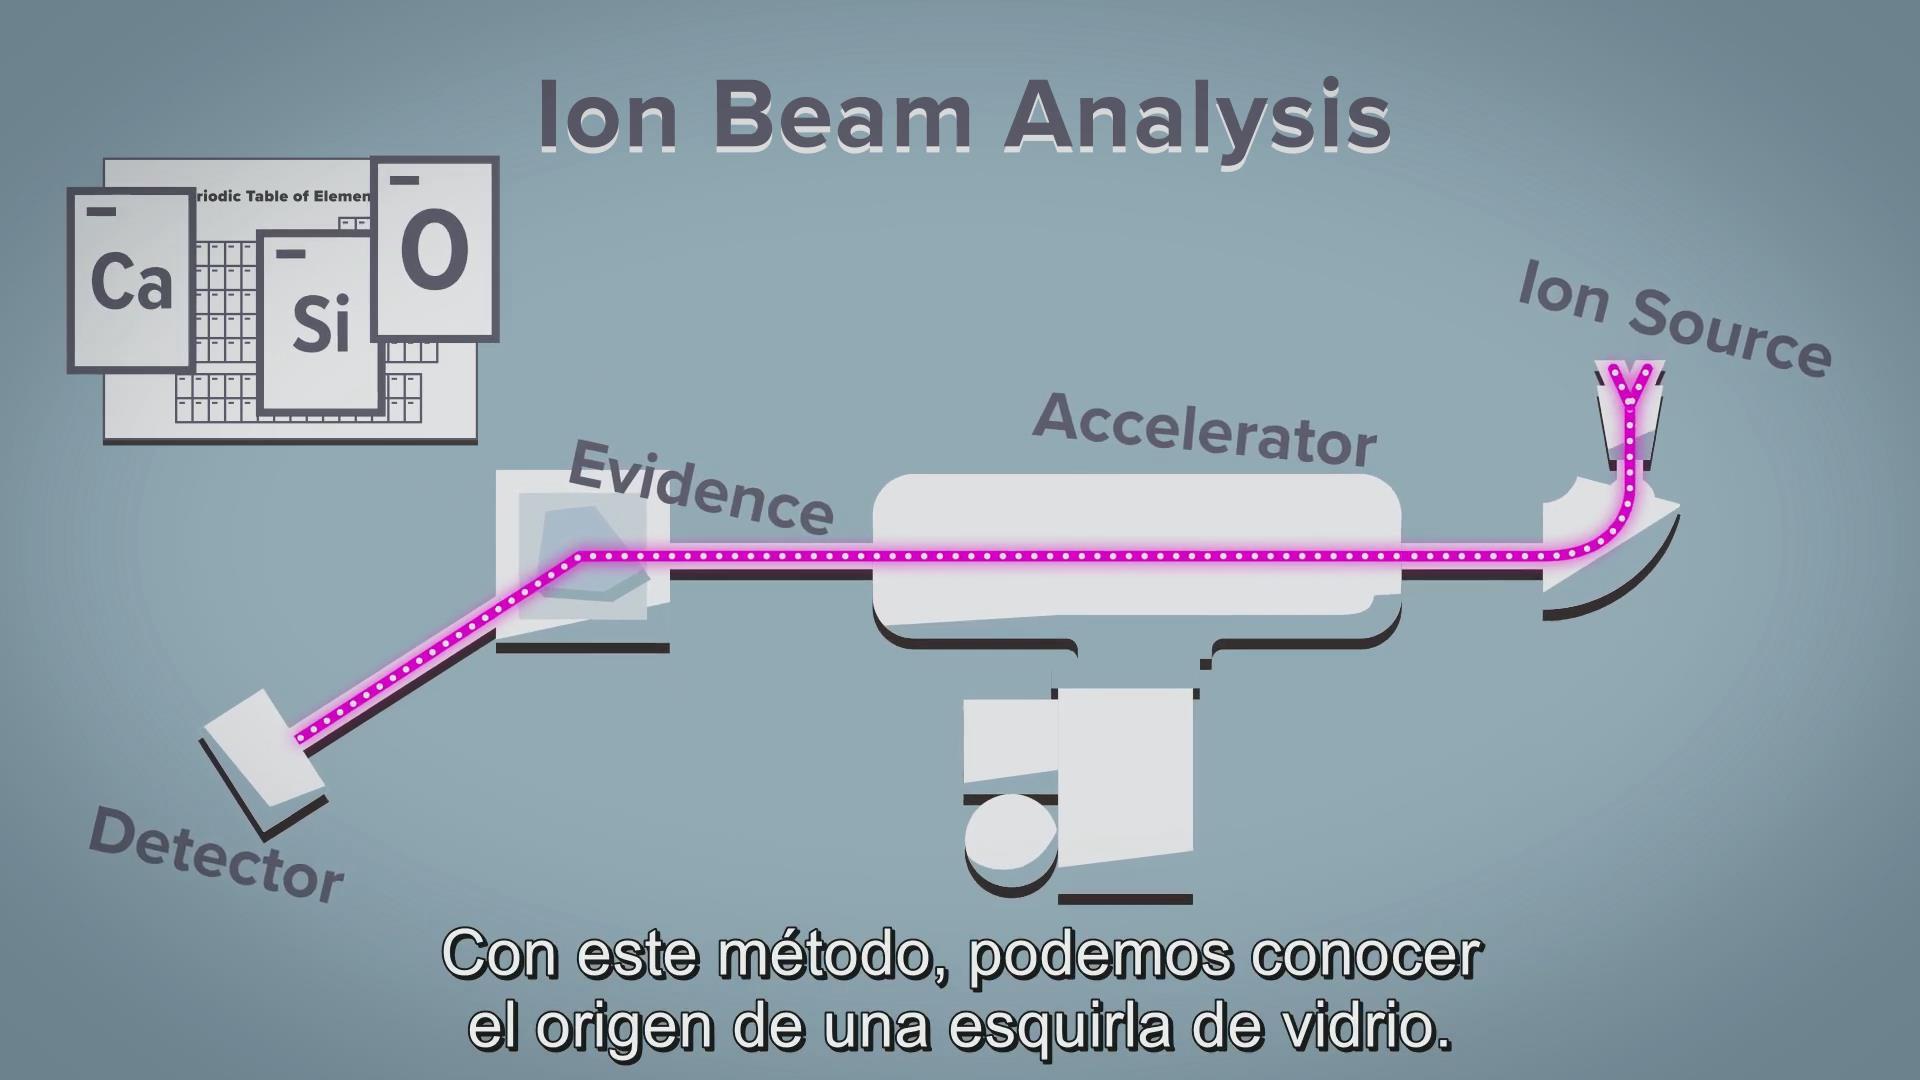 核技术如何为犯罪调查提供帮助?